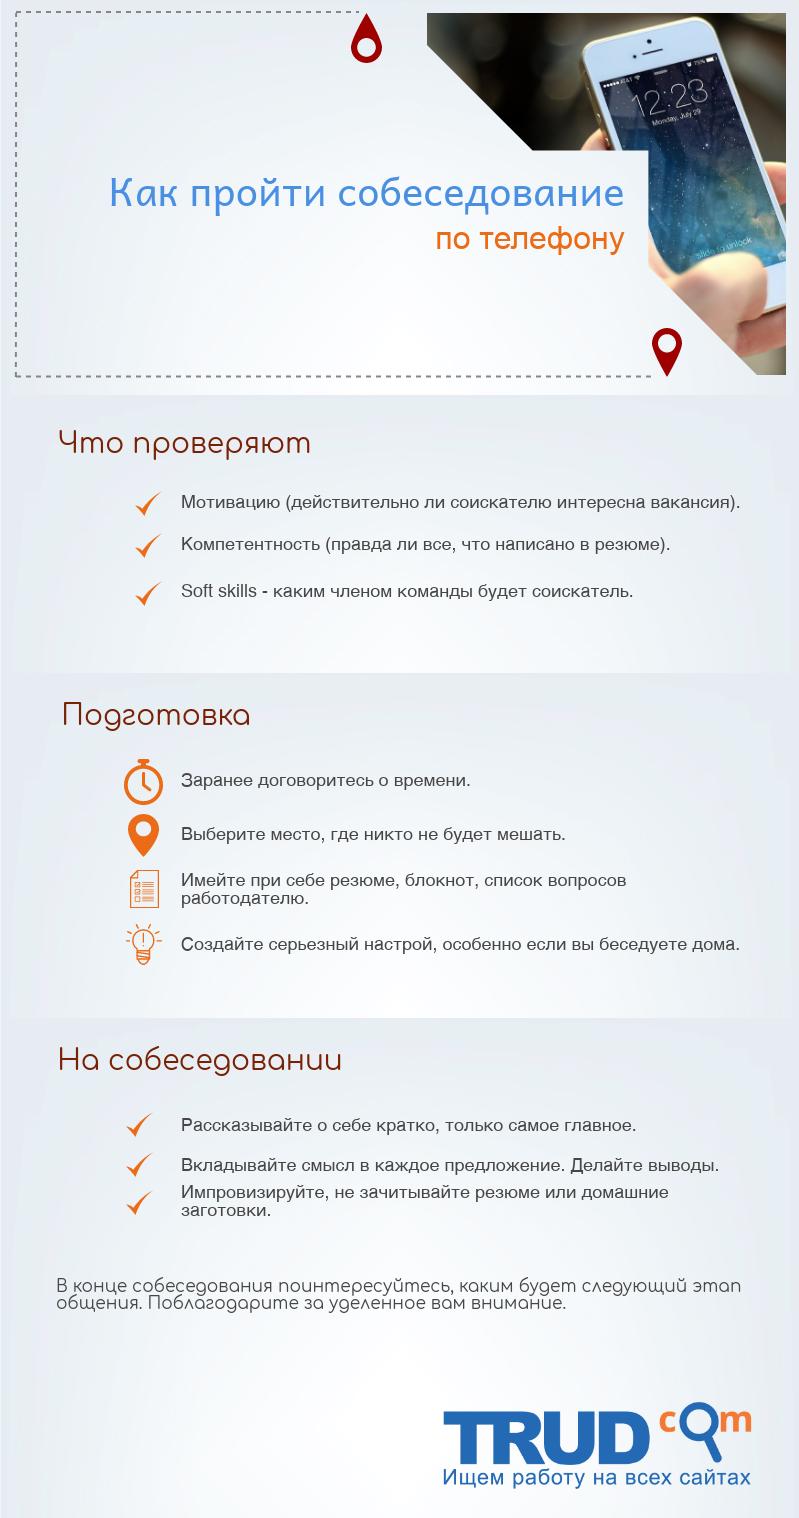 """Инфографика на тему """"Как пройти собеседование по телефону"""""""